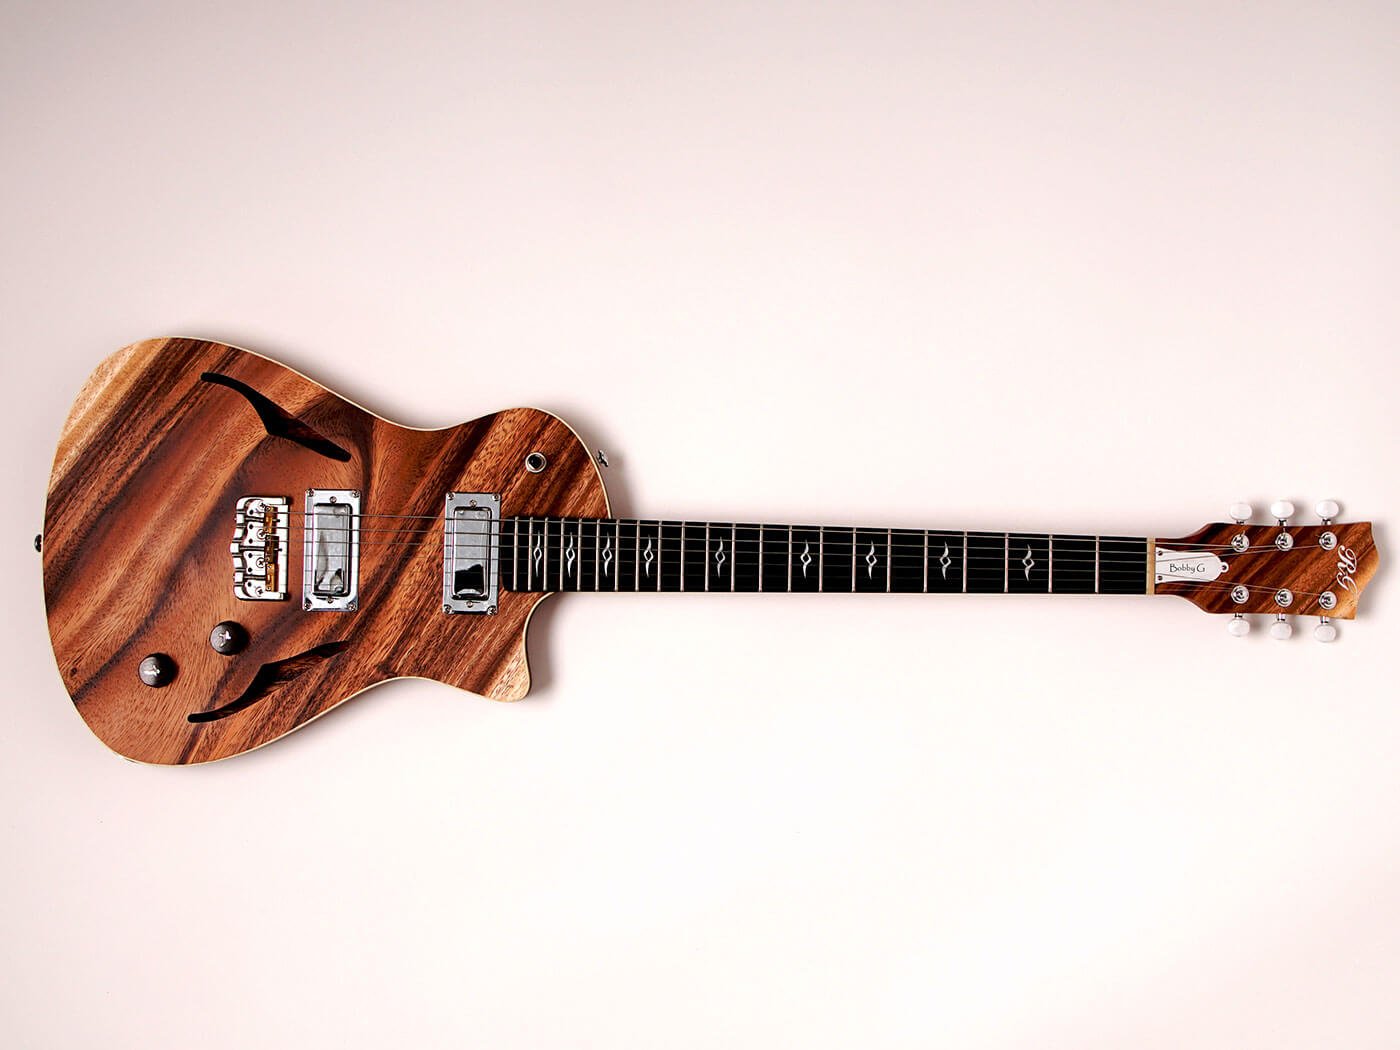 Gilmore Guitars' Bobby G